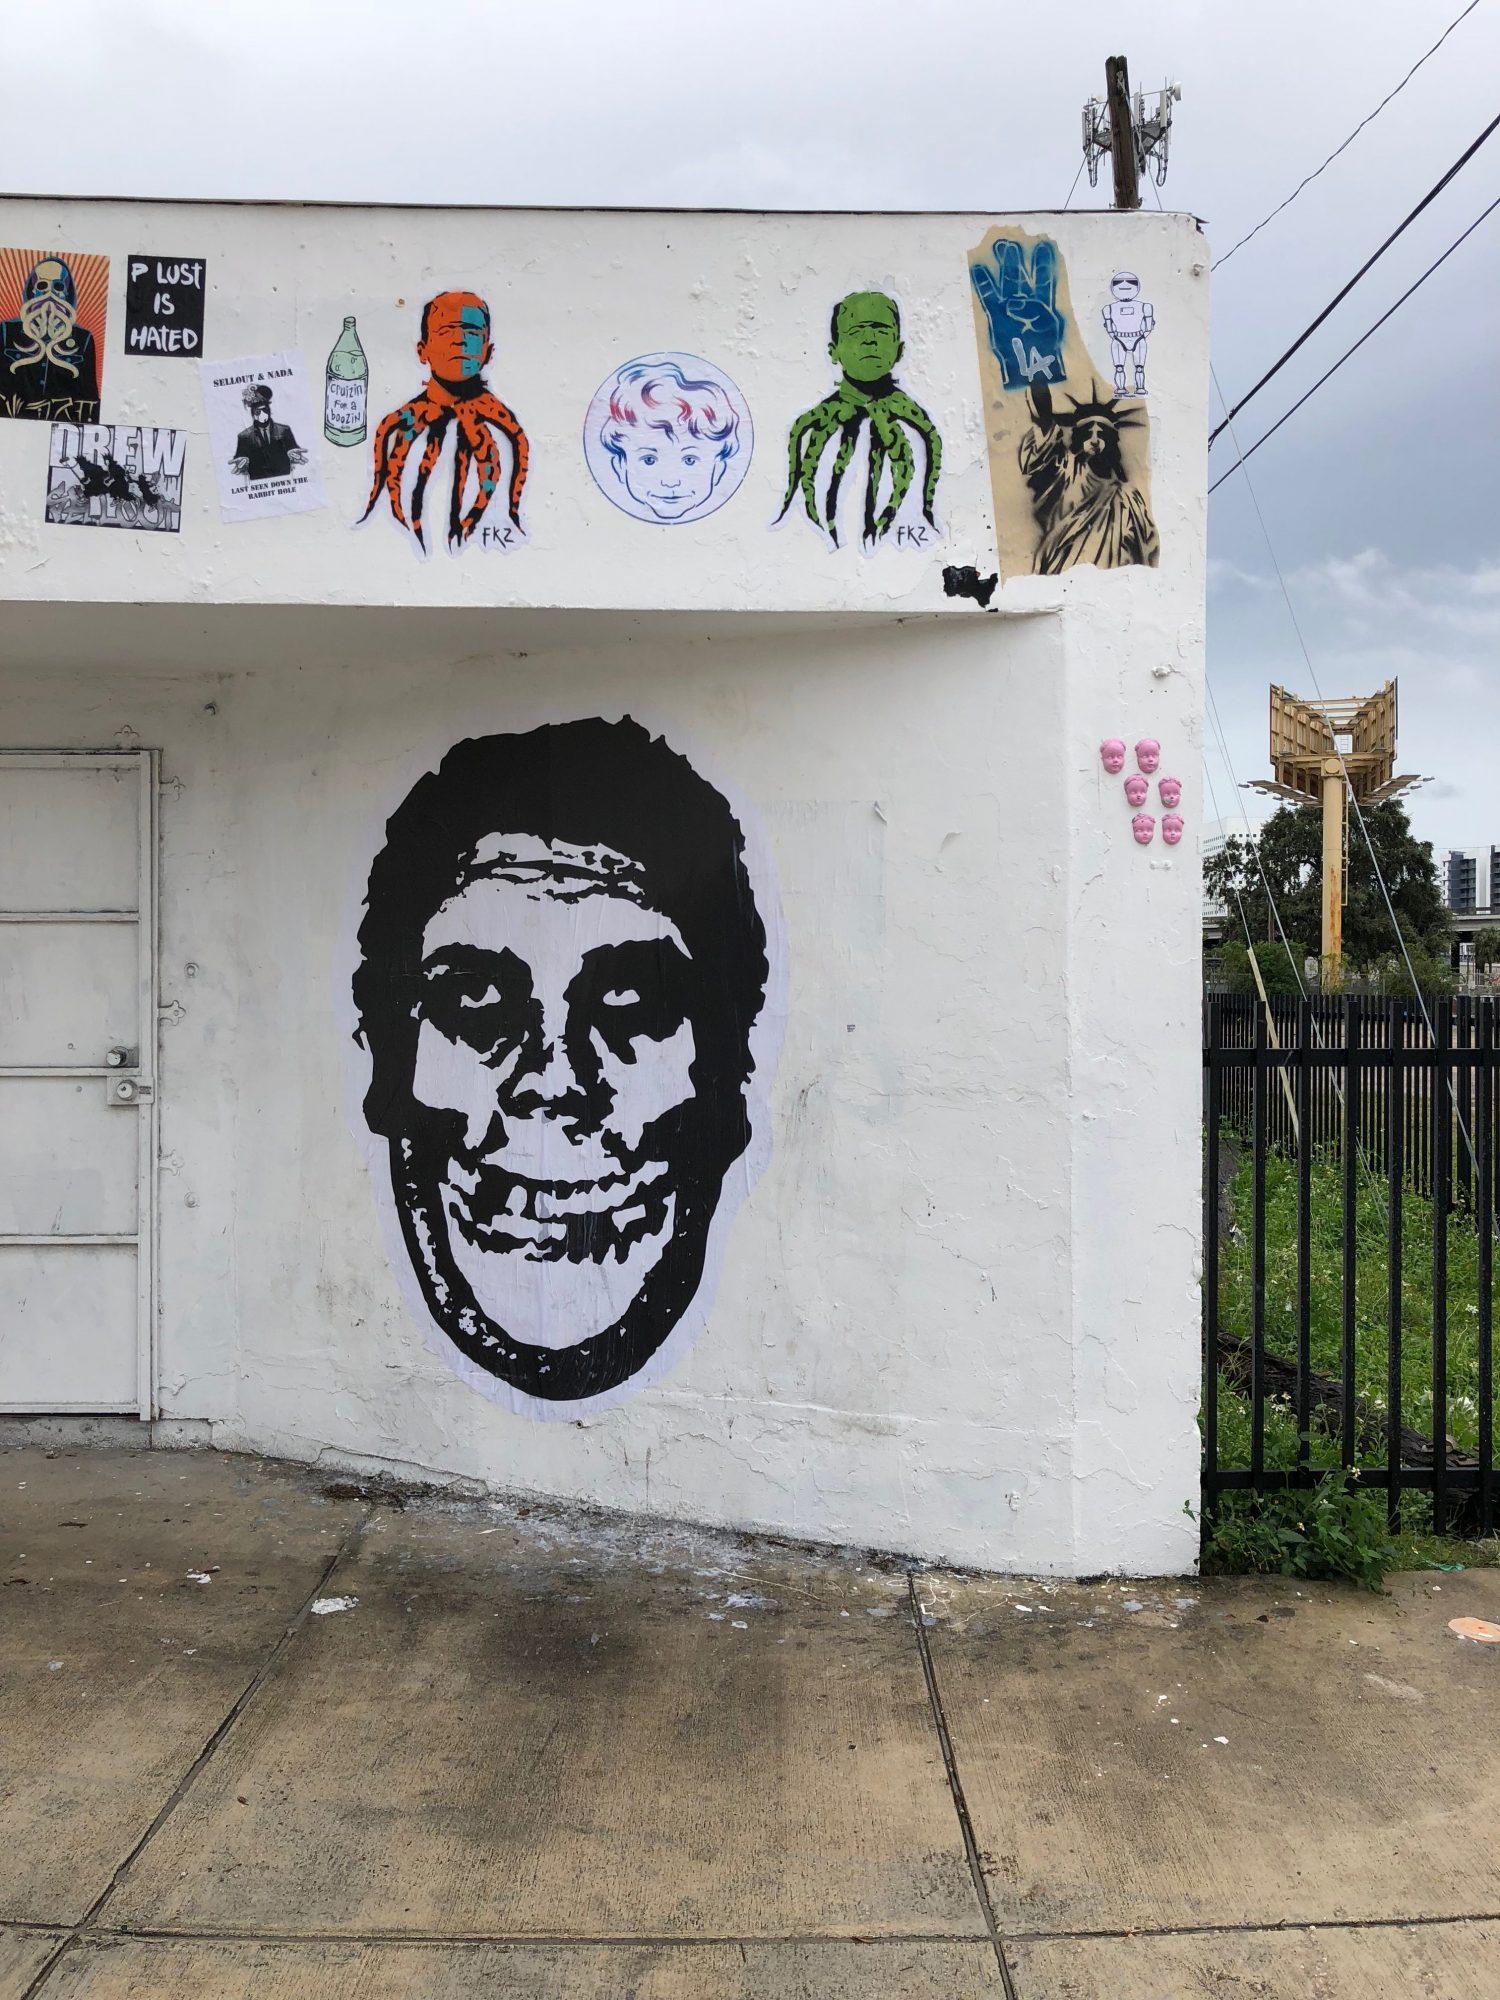 Siamo stati alla Miami Art Basel con Puma Jamming | Collater.al 9